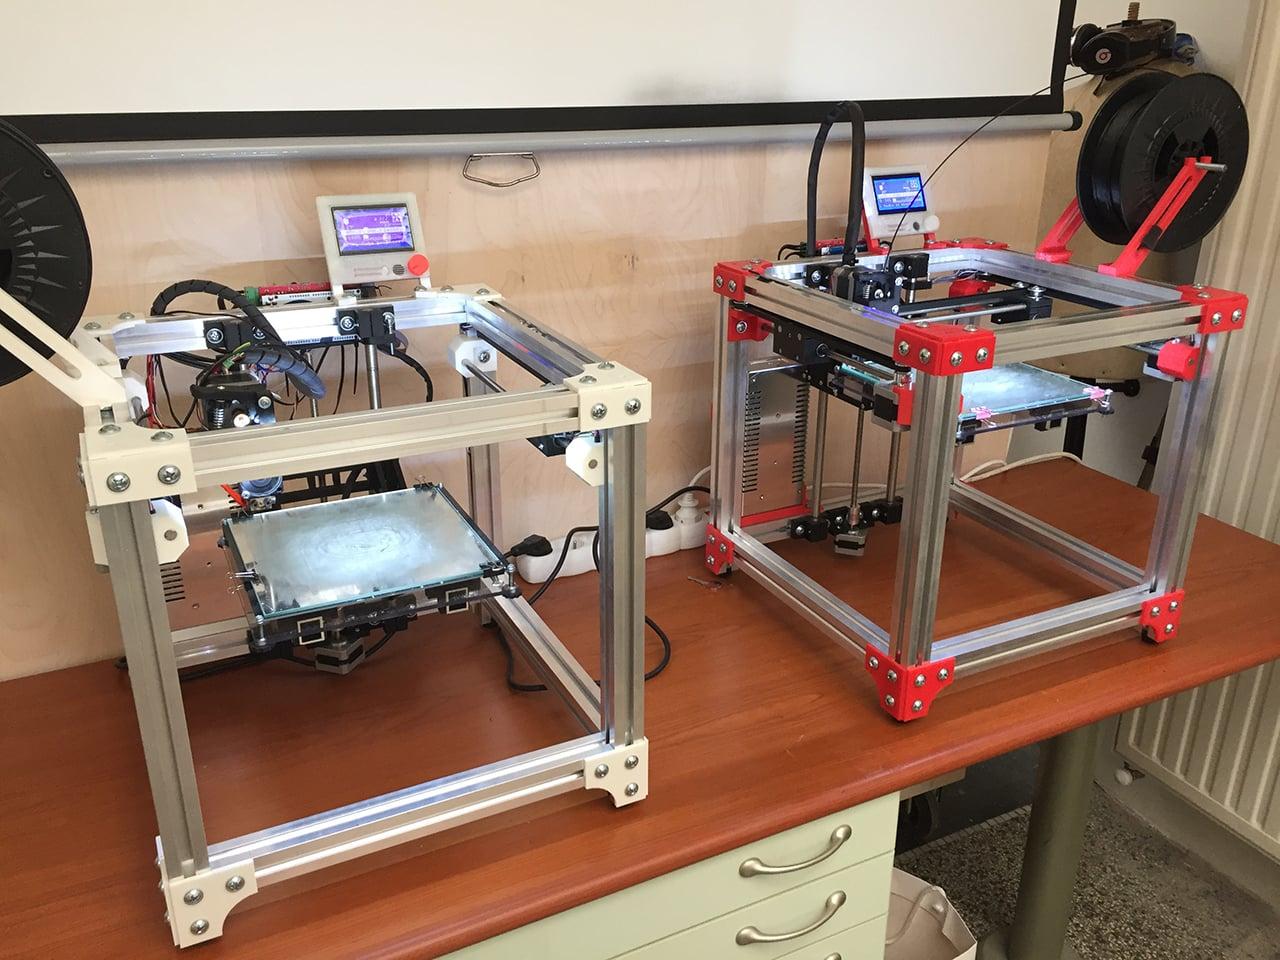 Spolek a dílna 3D Aréna a tiskárna KRYAL Cube